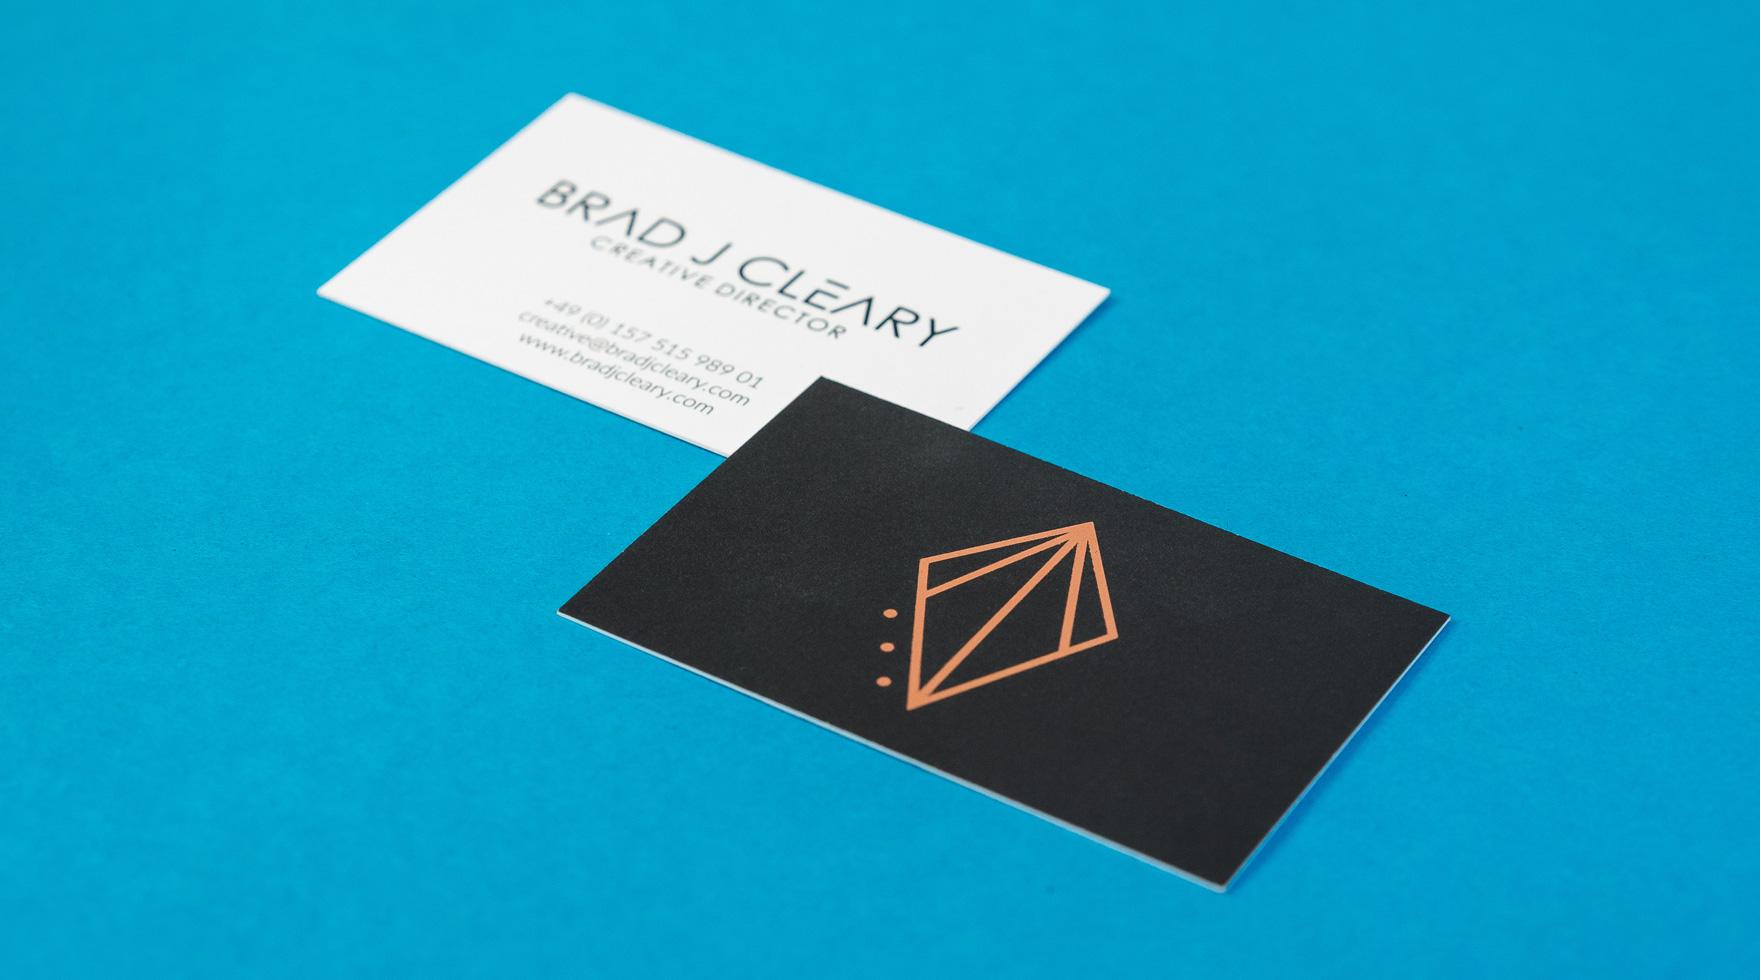 grafik-designer-jonathon-entertainment-webkreation